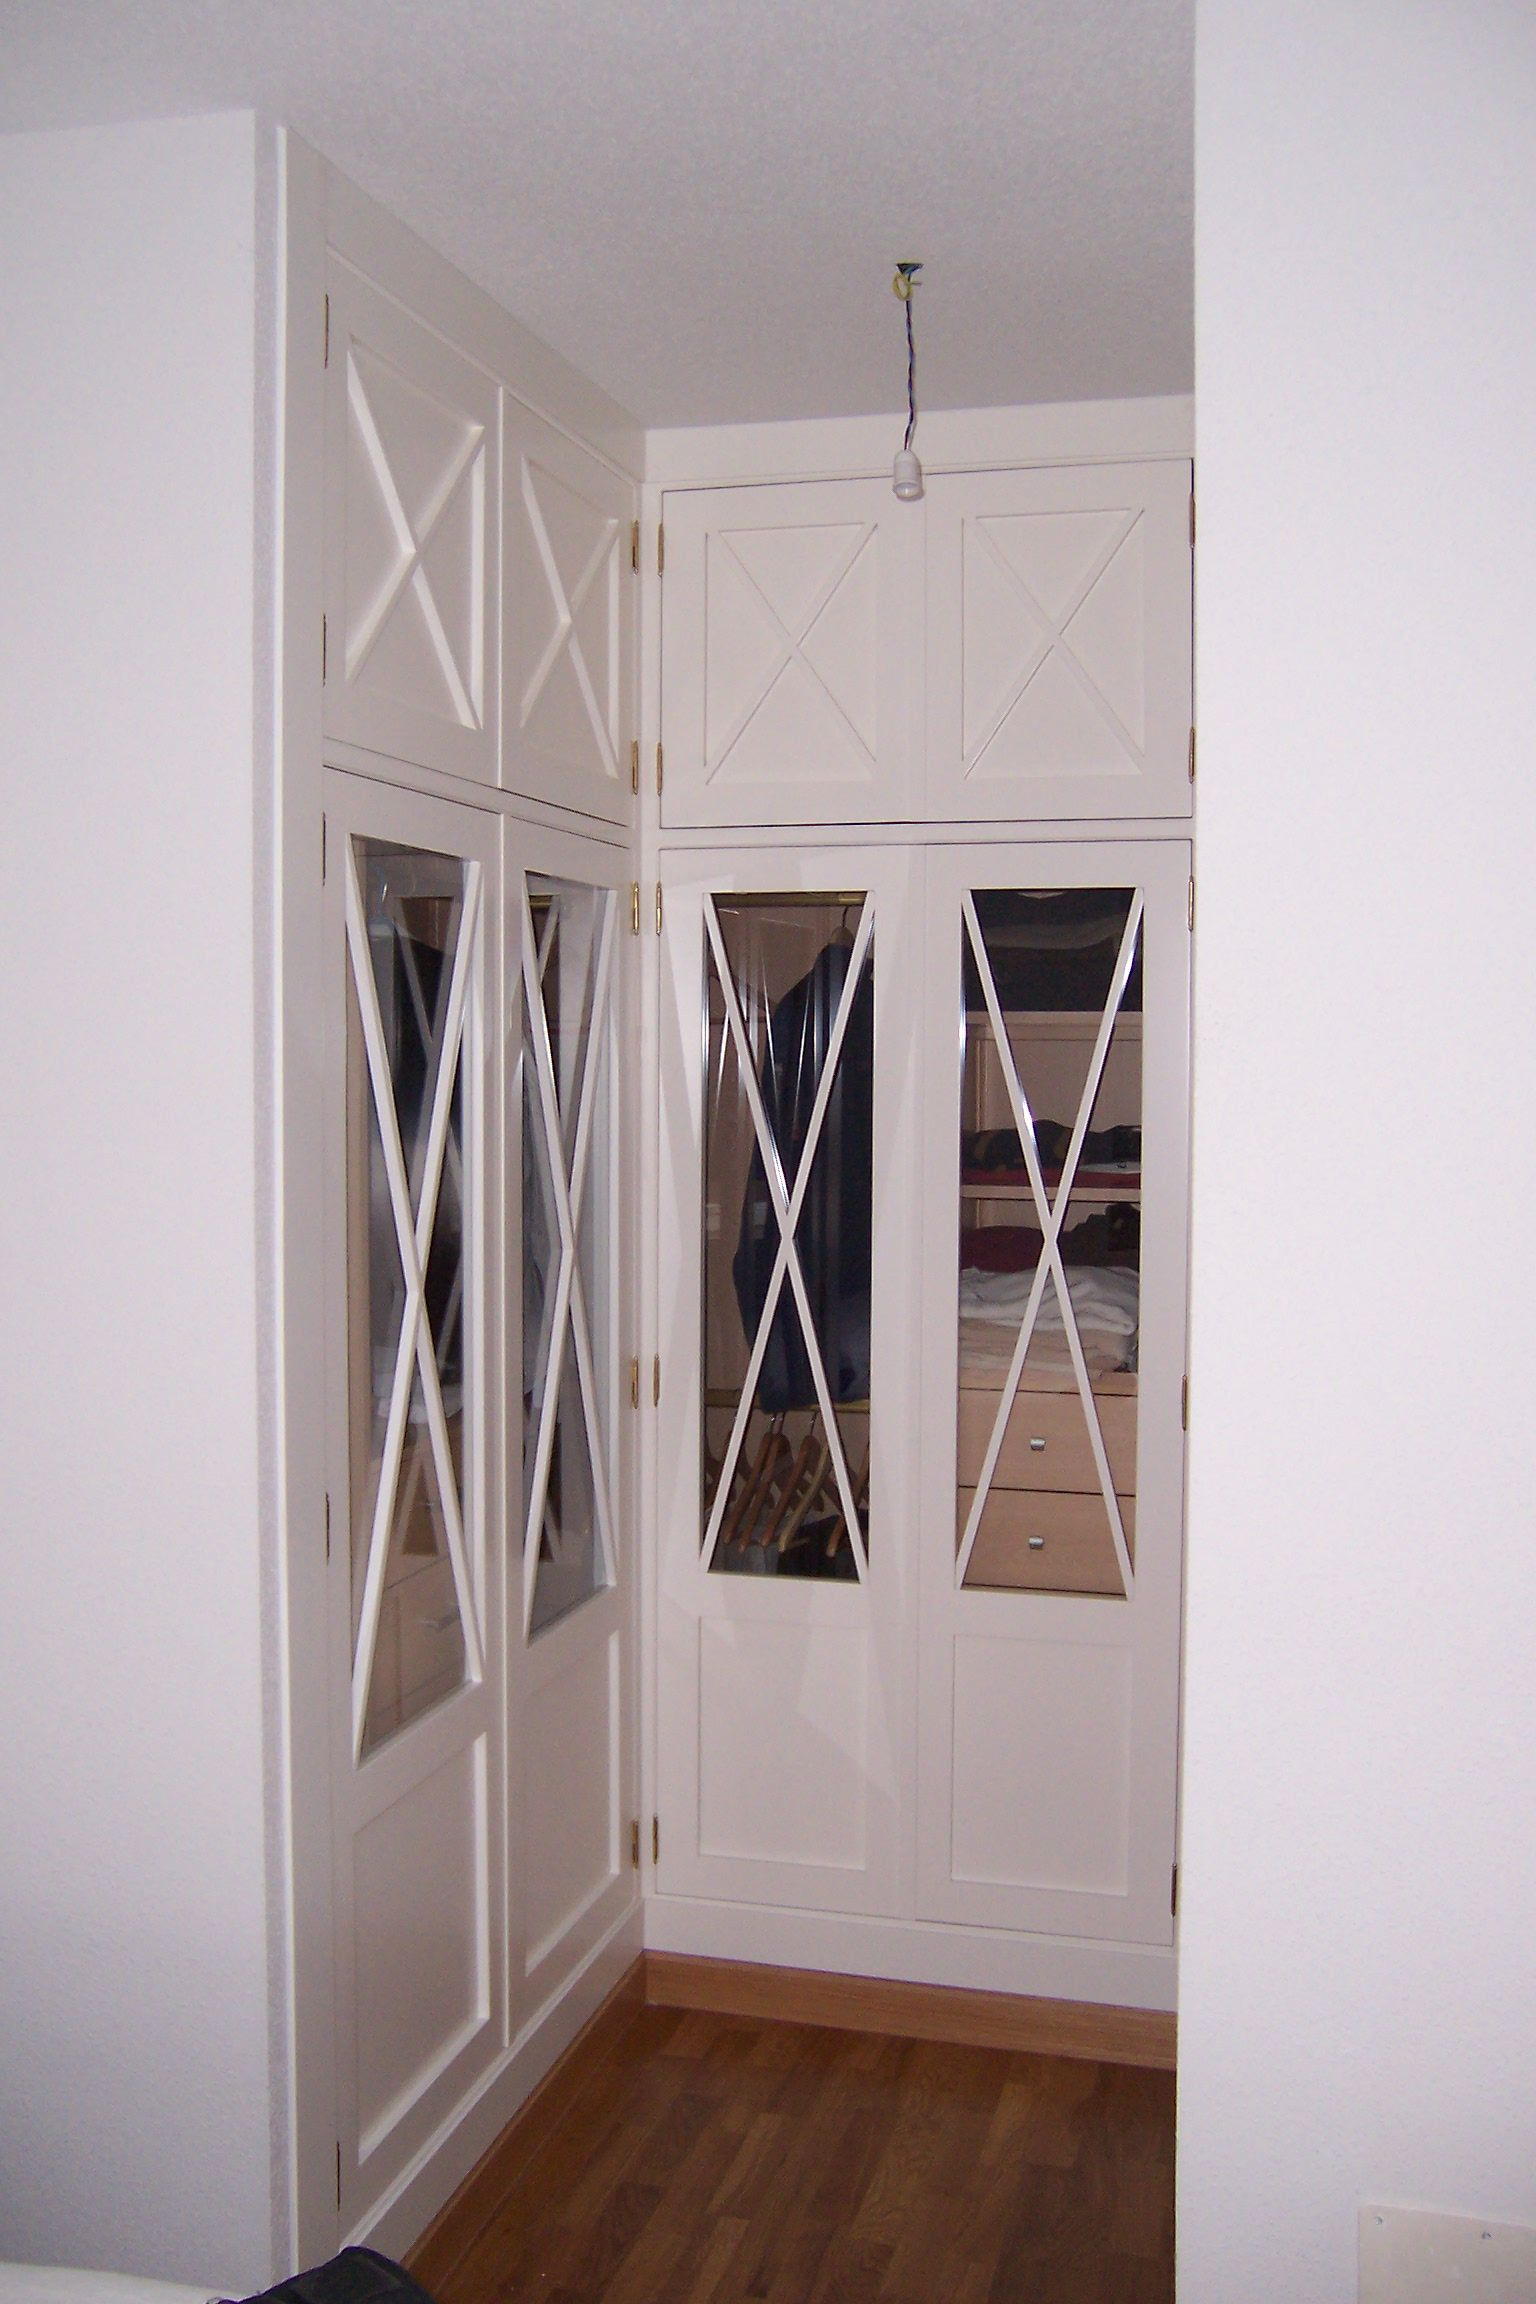 armario en esquina con frente lacado en blanco y decoracin con cruces interior en